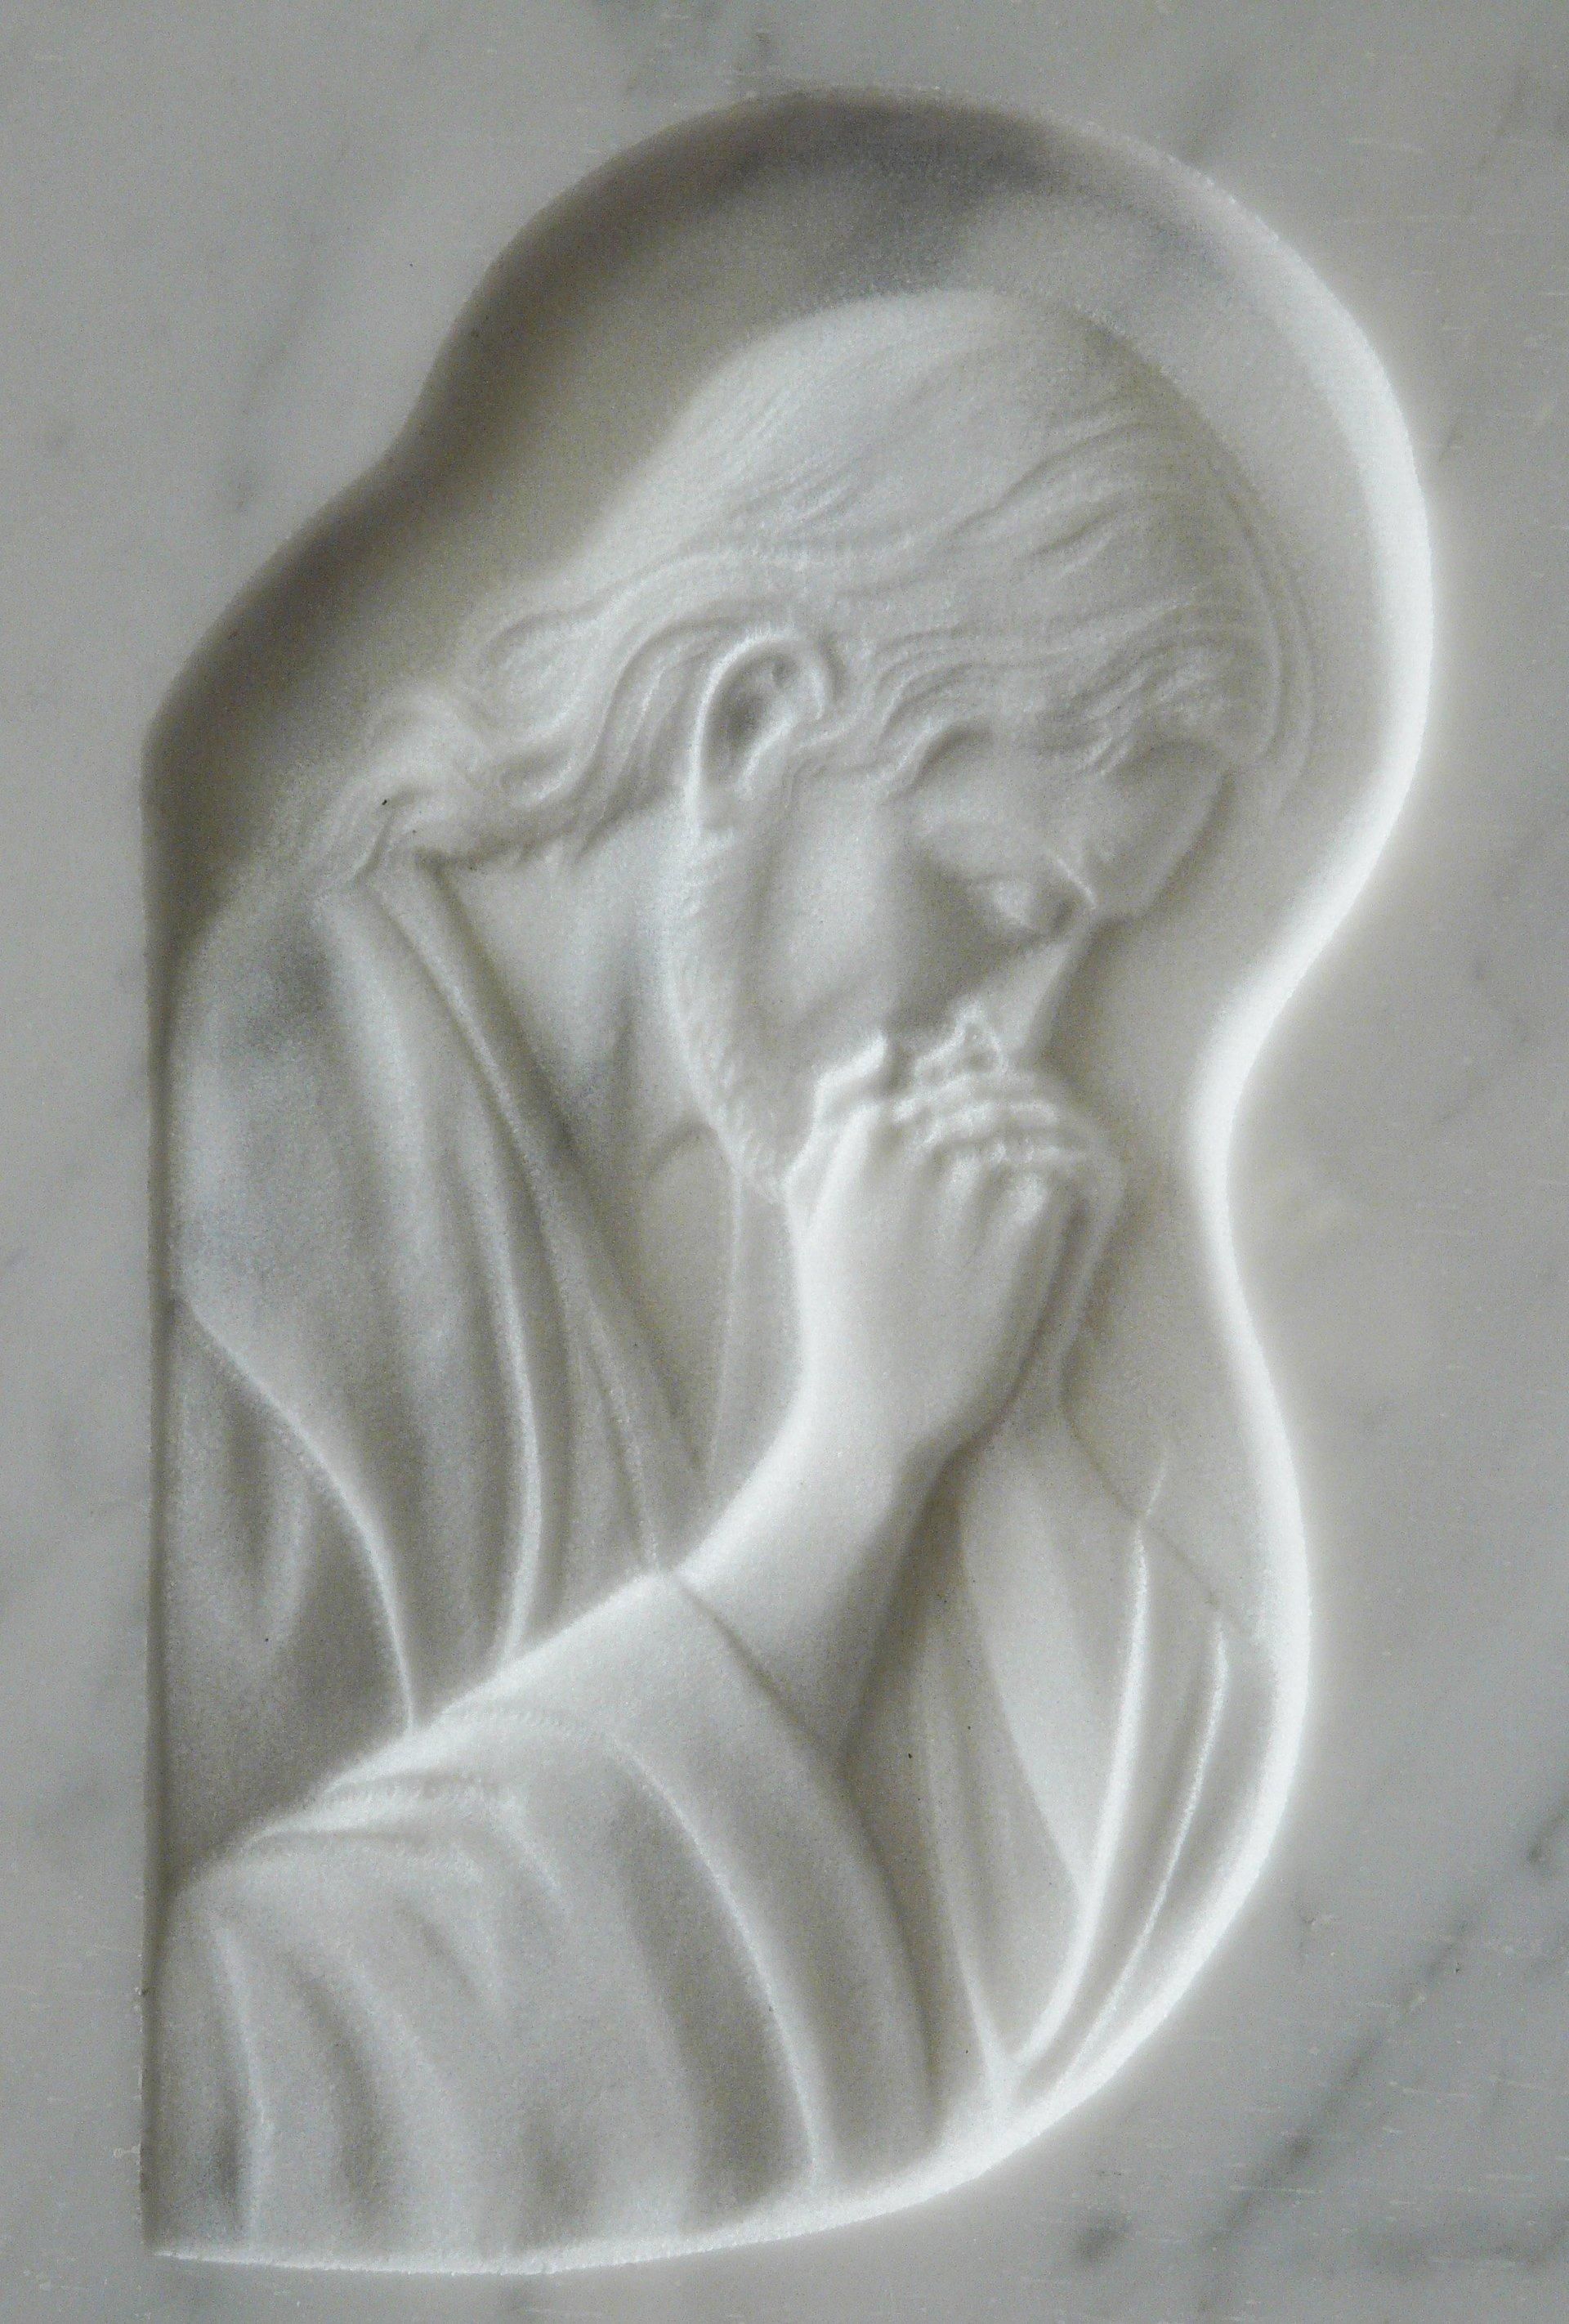 bassorilievo su marmo bianco rappresentante gesù che prega